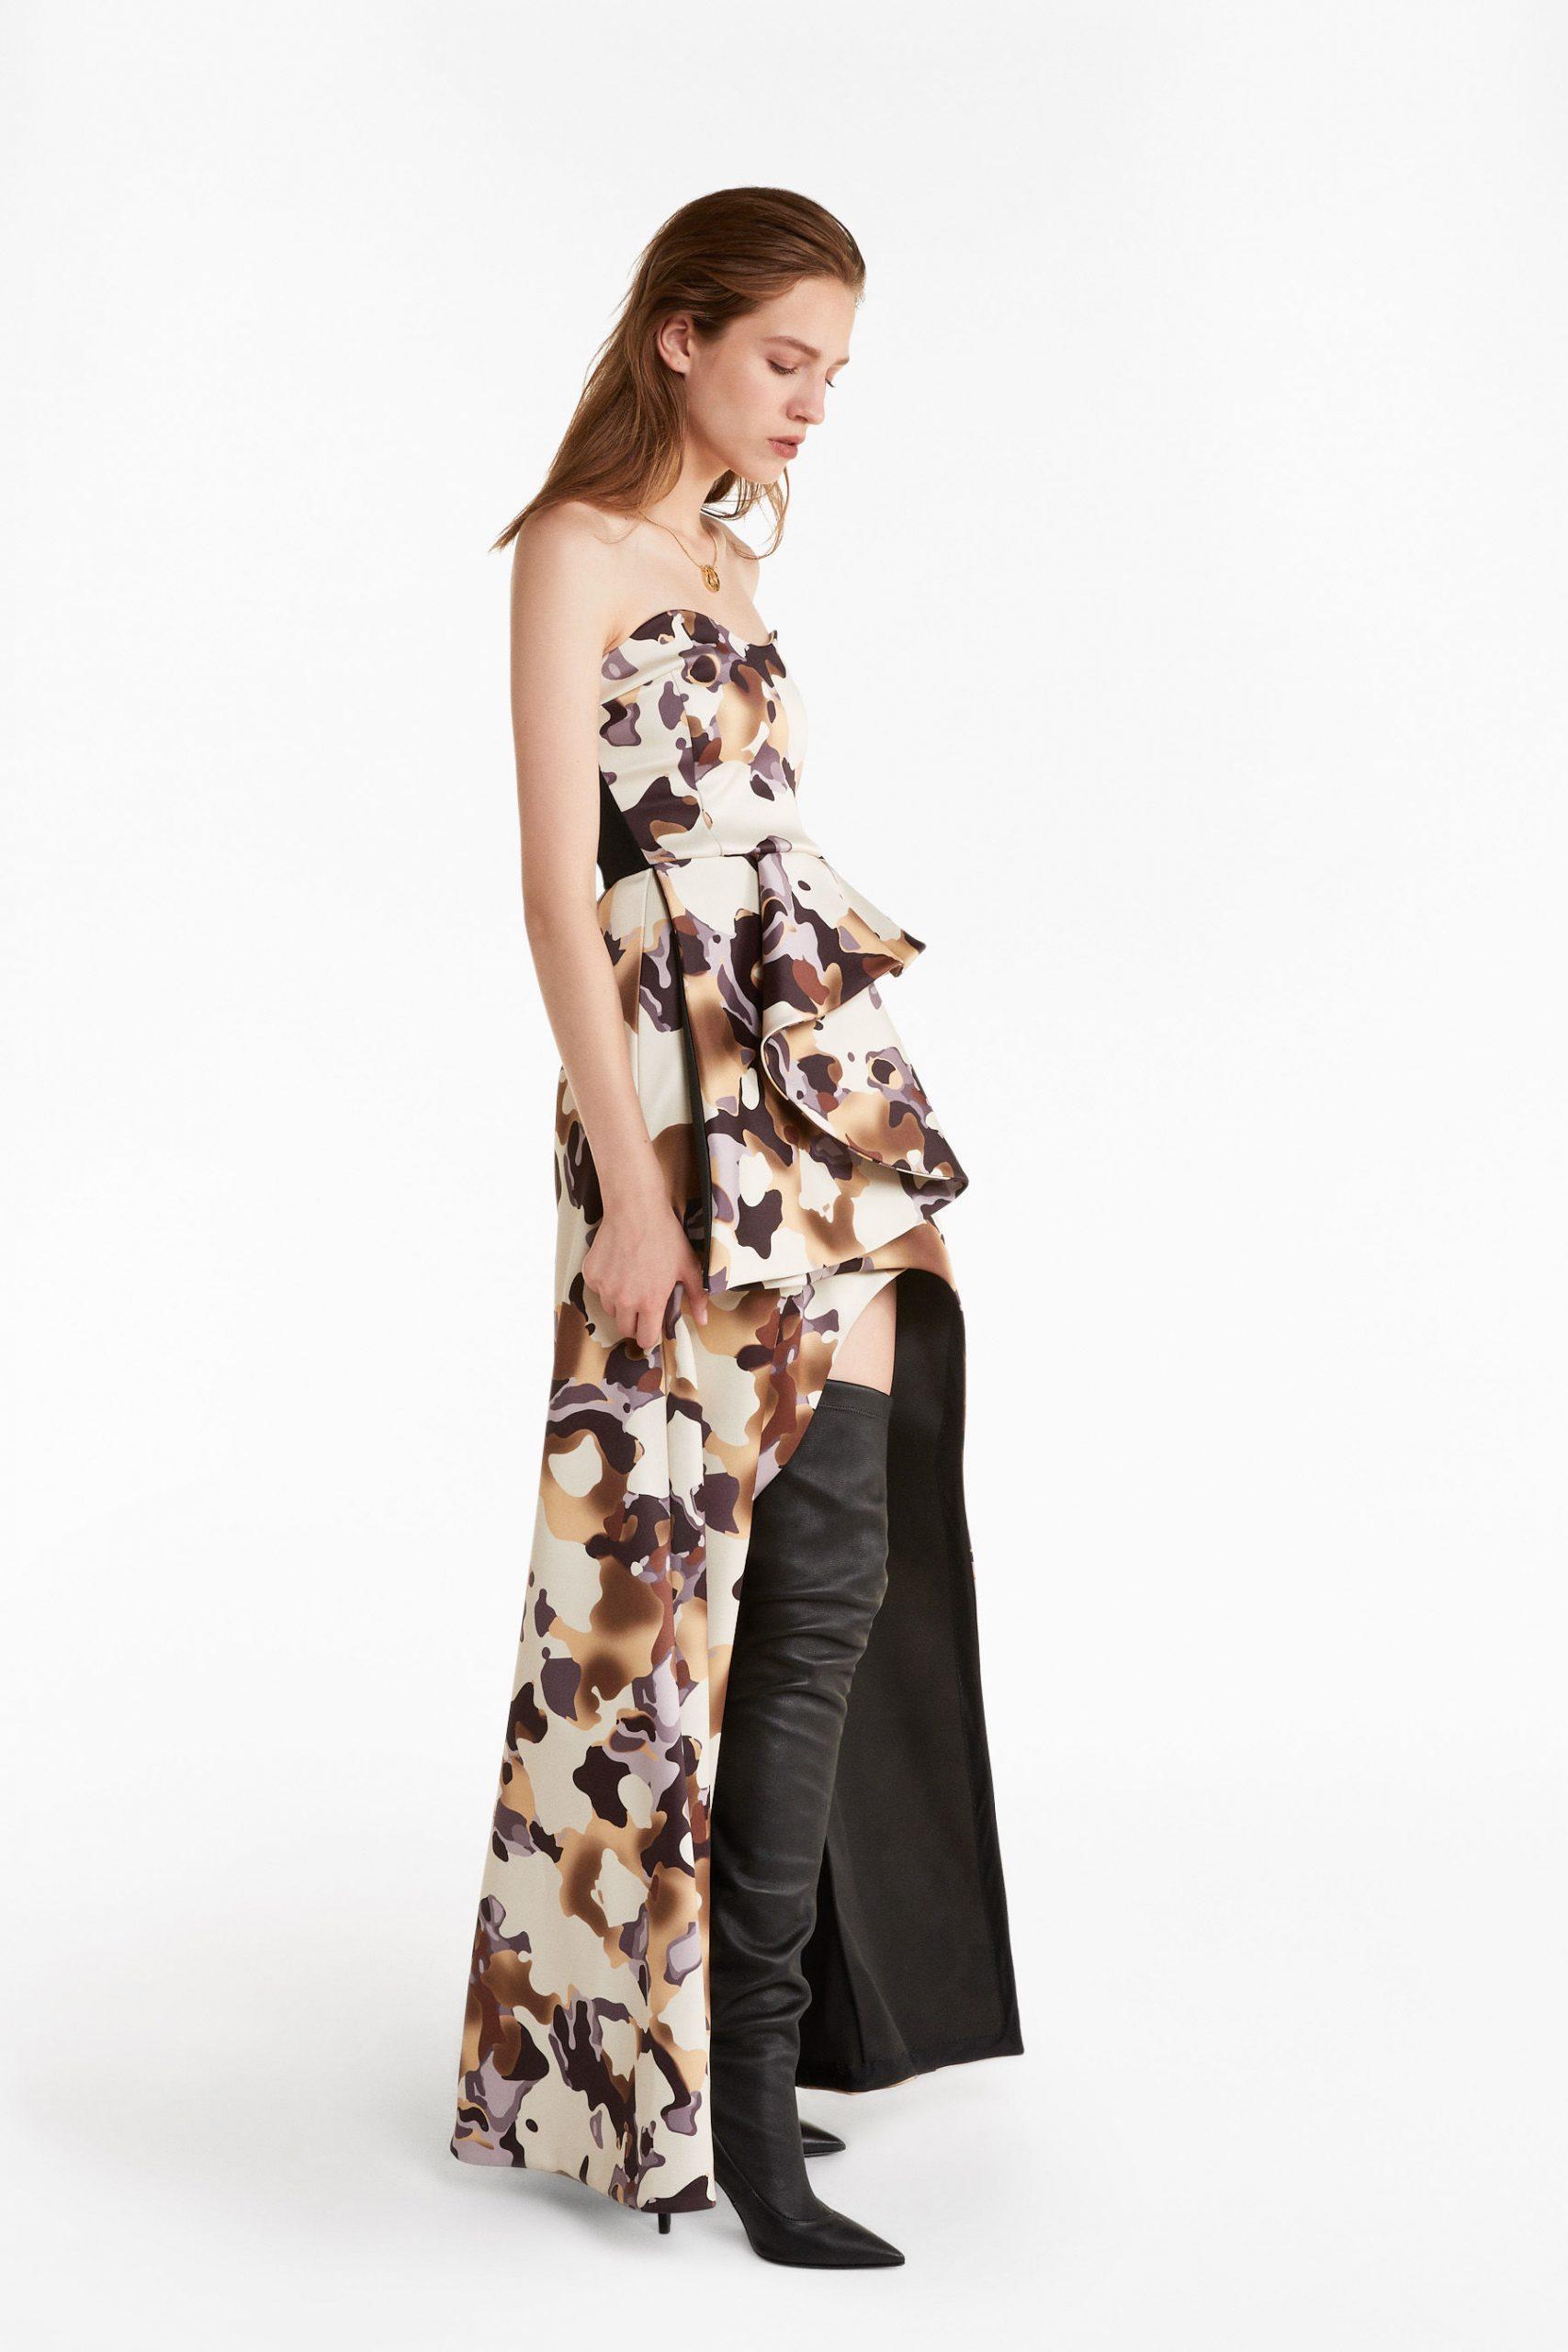 Abbigliamento Patrizia Pepe  Abito Couture con stampa camouflage Golden Camouflage female collezione 2020 shop the look